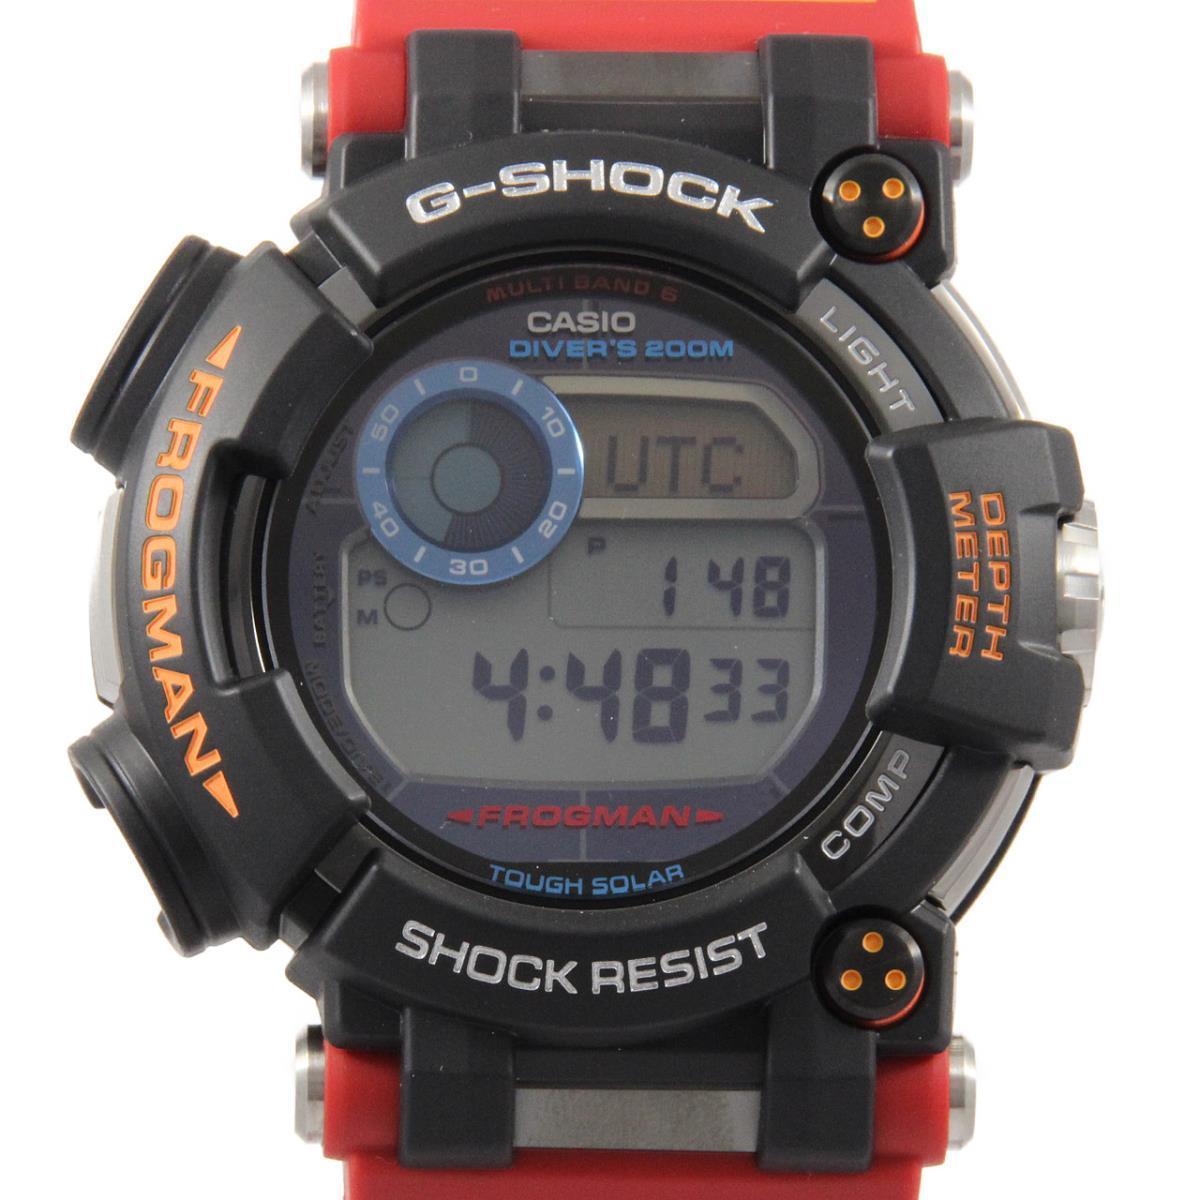 腕時計, メンズ腕時計  GWFD1000ARR1JR GSHOCKROV